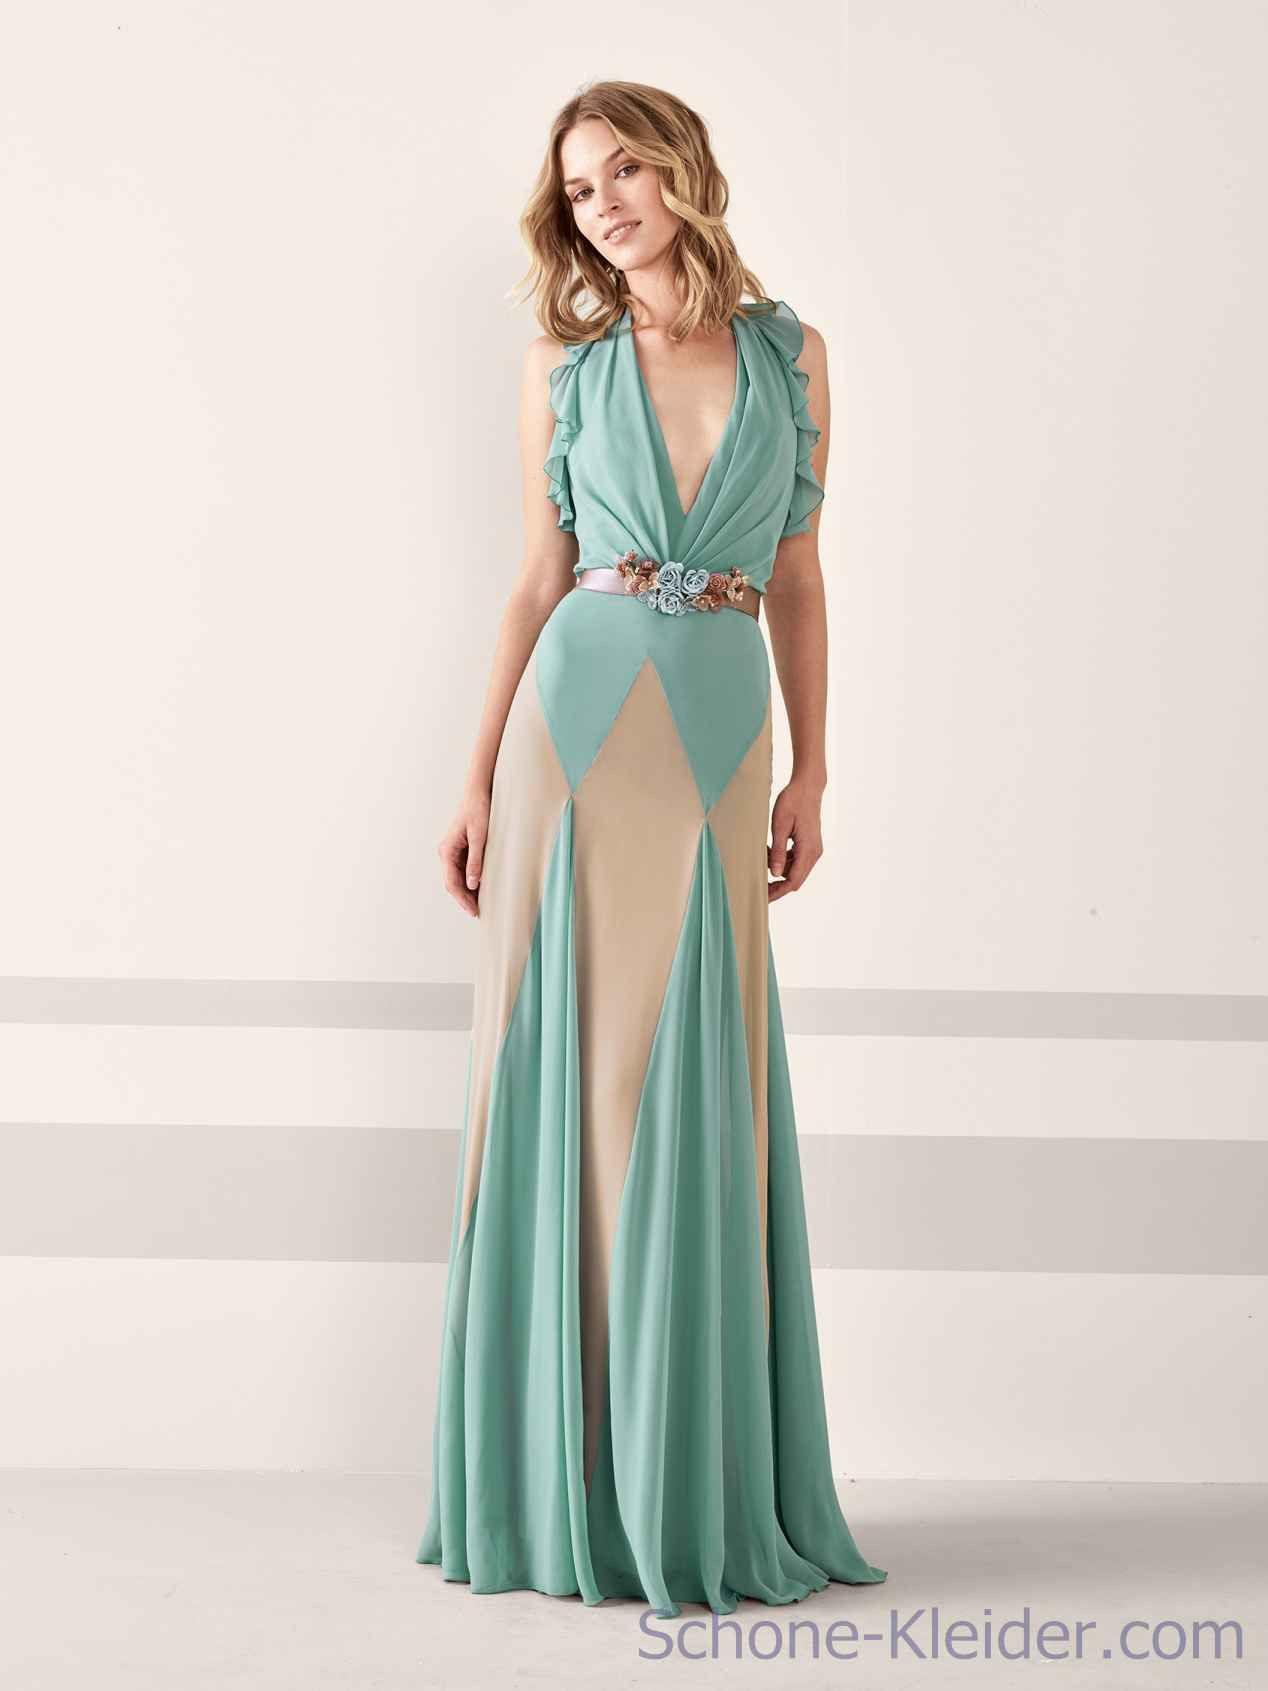 Designer Schön Abend Kleid Hannover Galerie17 Einfach Abend Kleid Hannover Boutique